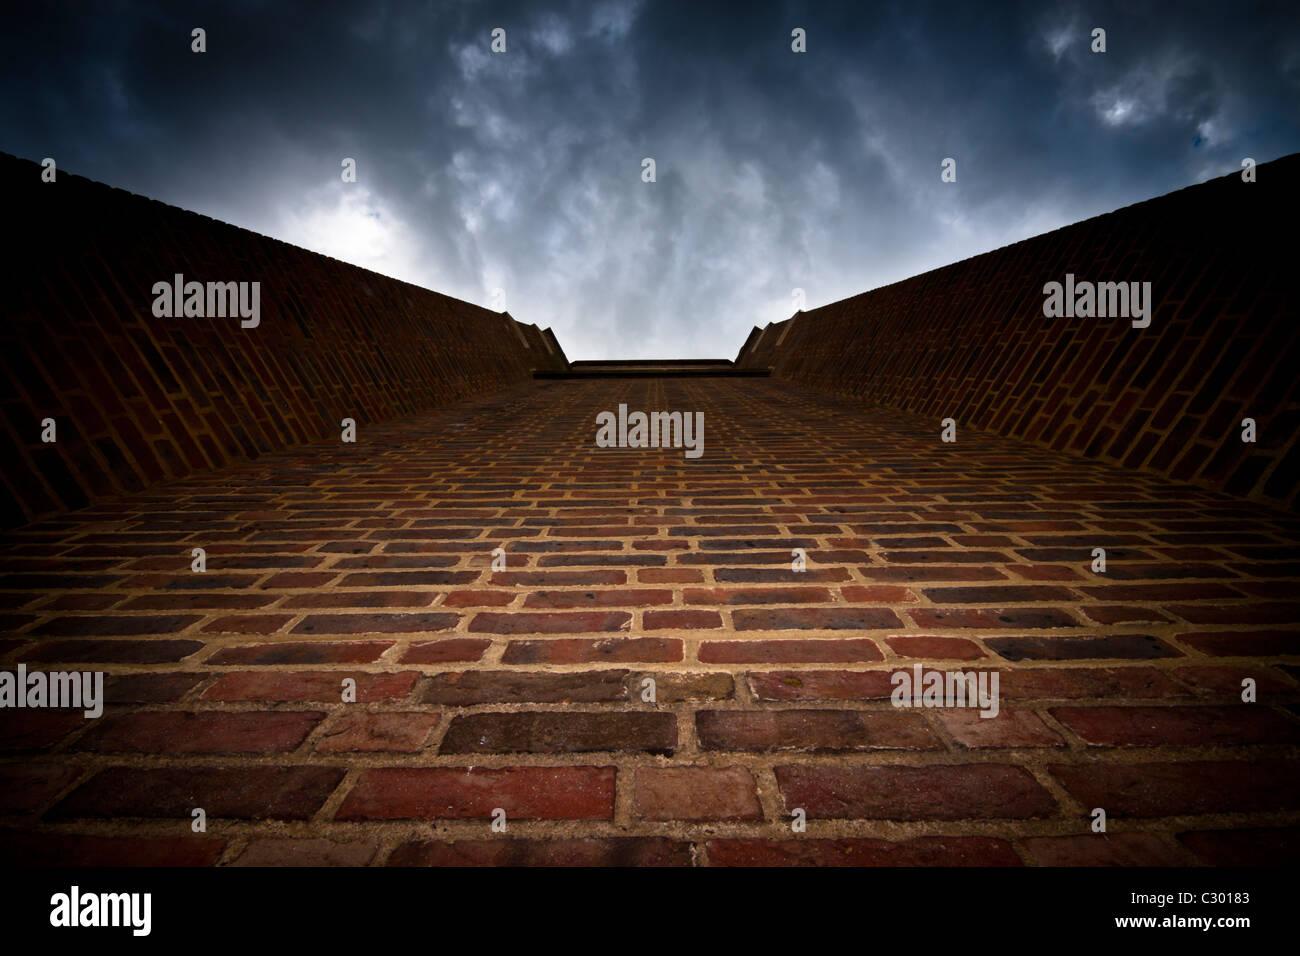 Foto astratte su un muro di mattoni e drammatico cielo scuro Immagini Stock